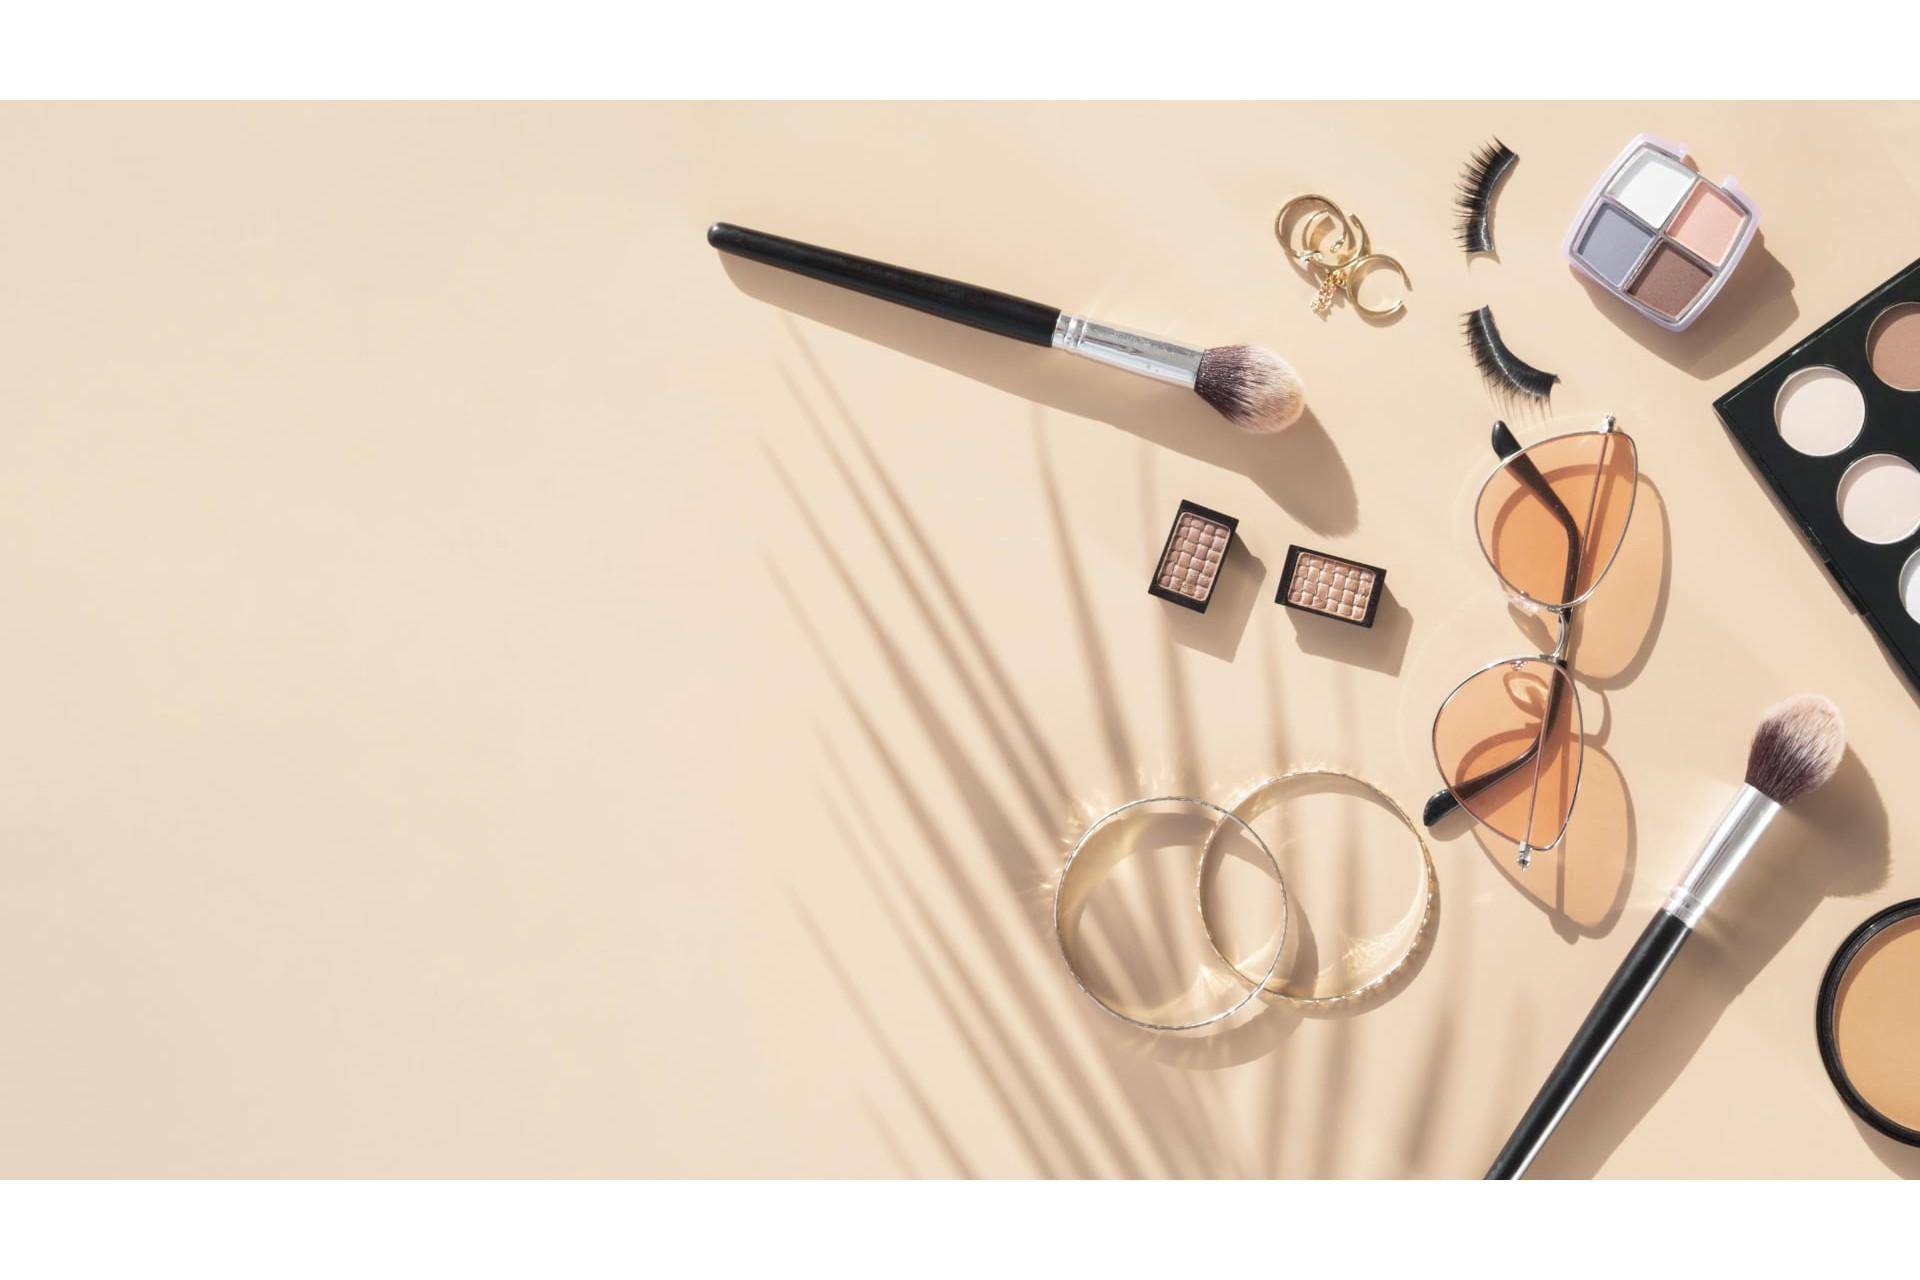 Модный макияж: ТОП-5 идей и трендов